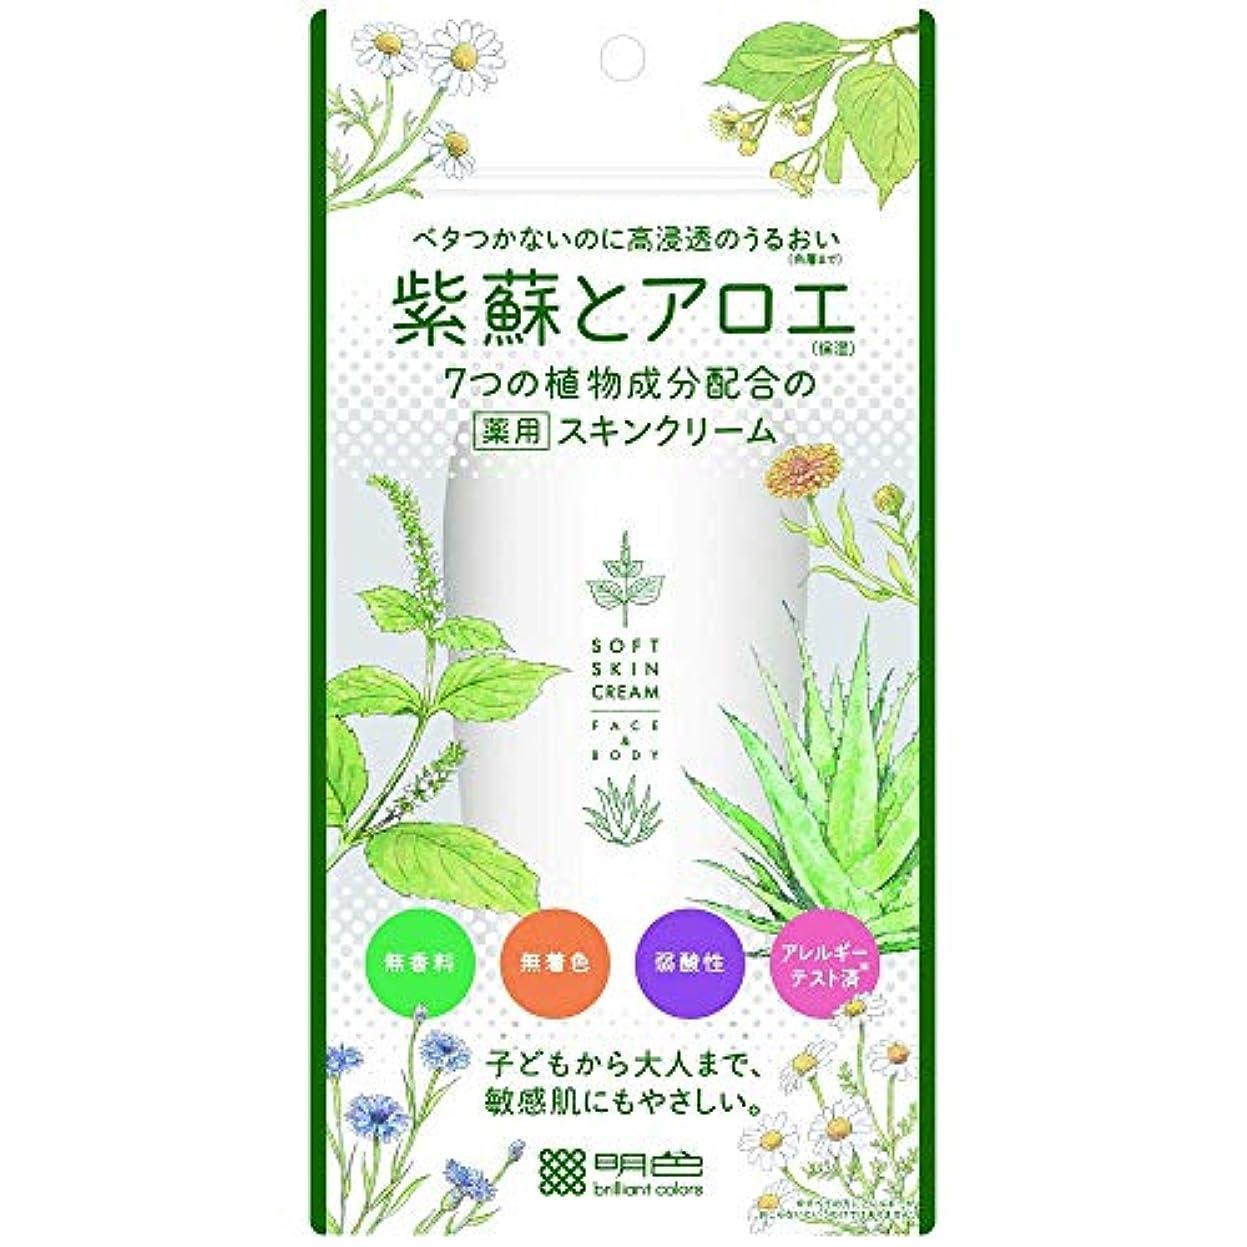 奨学金艶手配する【9個セット】紫蘇とアロエ 薬用スキンクリーム 190g